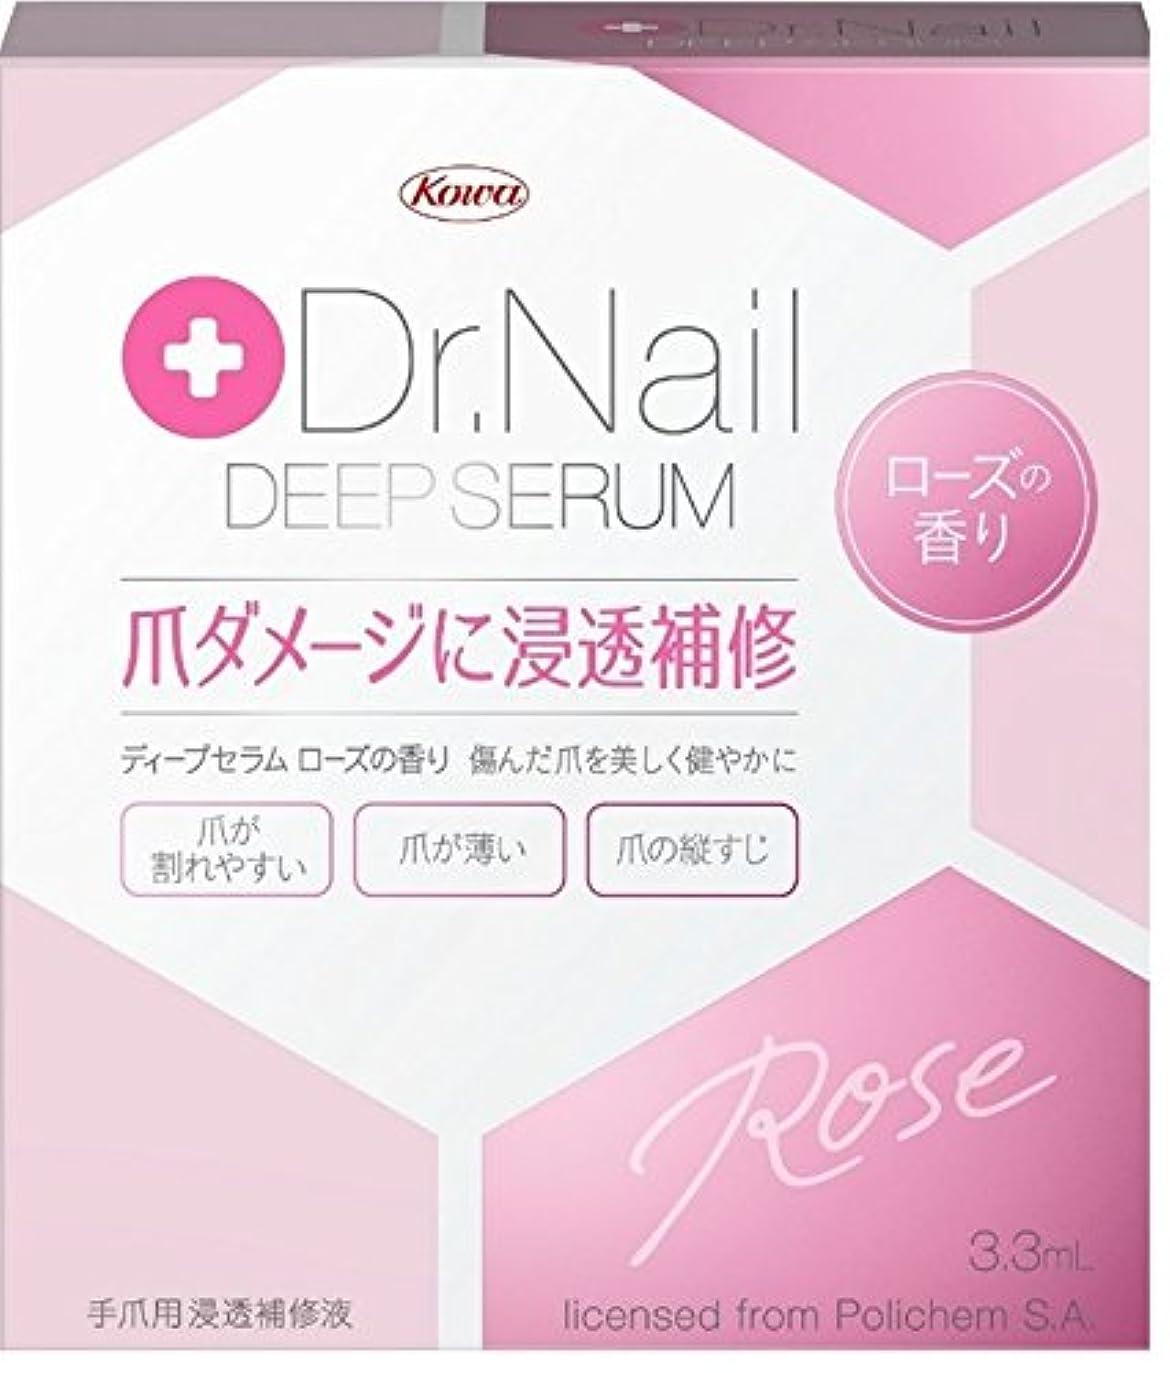 病な熱心しっとり興和(コーワ) Dr.Nail DEEP SERUM ドクターネイル ディープセラム 3.3ml ローズの香り